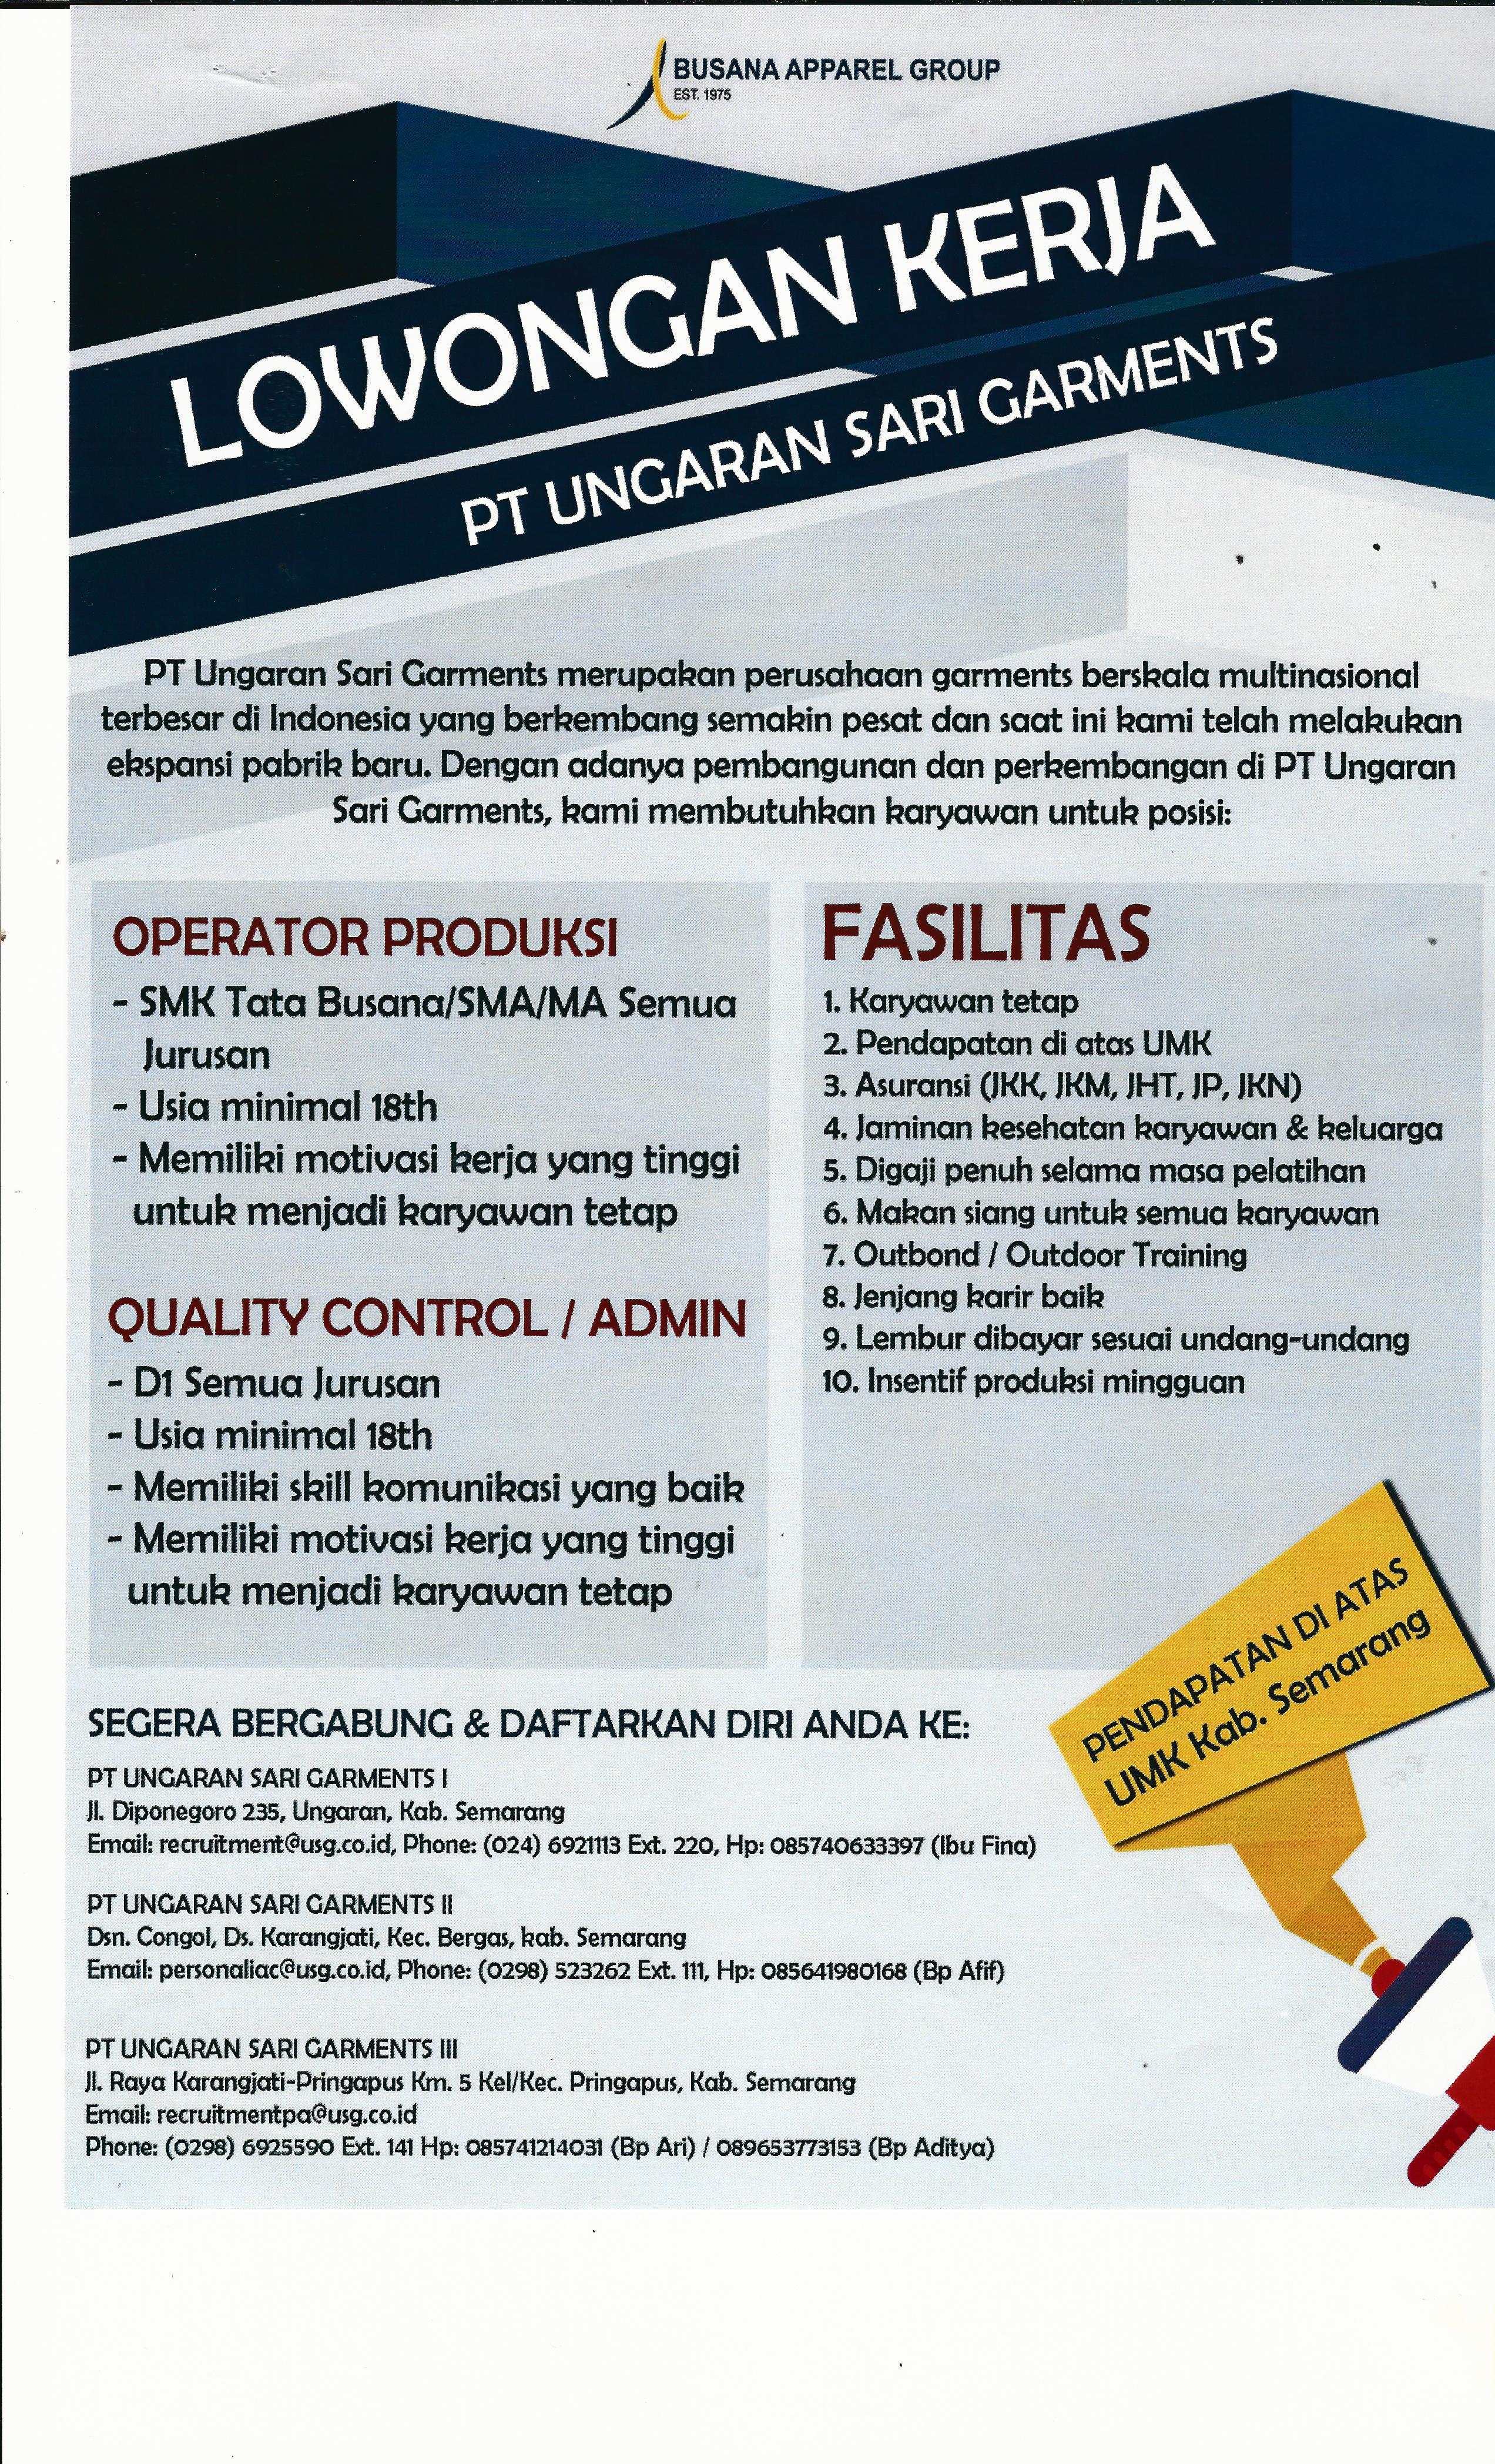 Lowongan Kerja Dinas Tenaga Kerja Dan Transmigrasi Kabupaten Grobogan